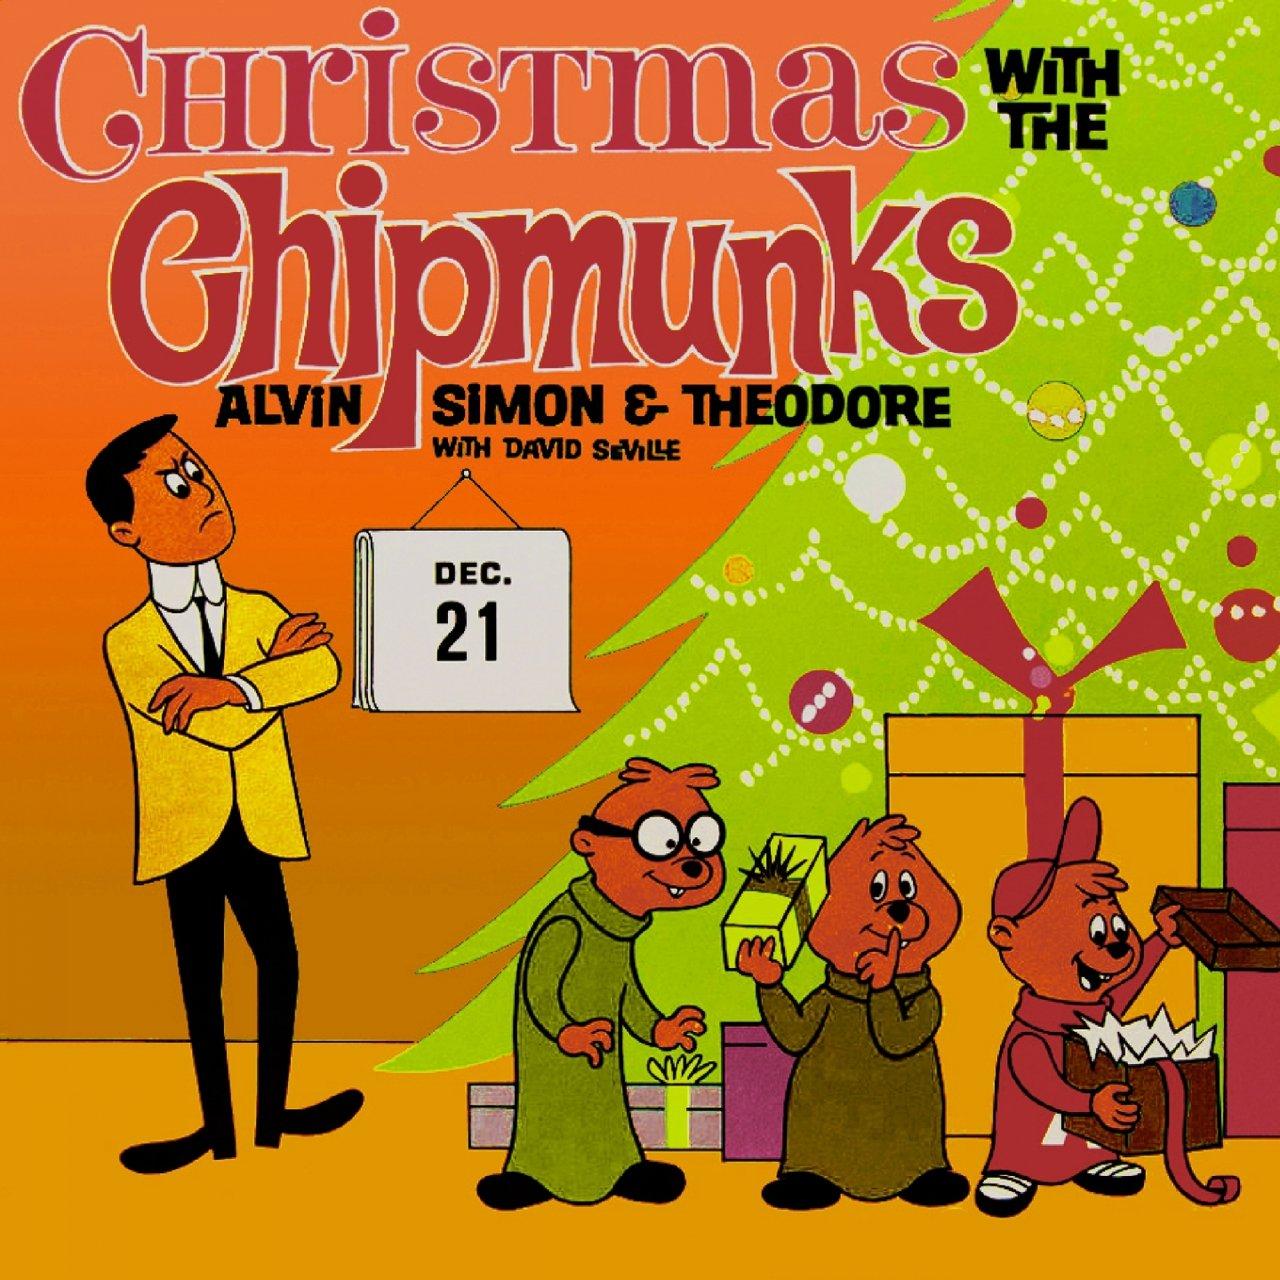 TIDAL: Listen to The Chipmunks: Christmas Album on TIDAL